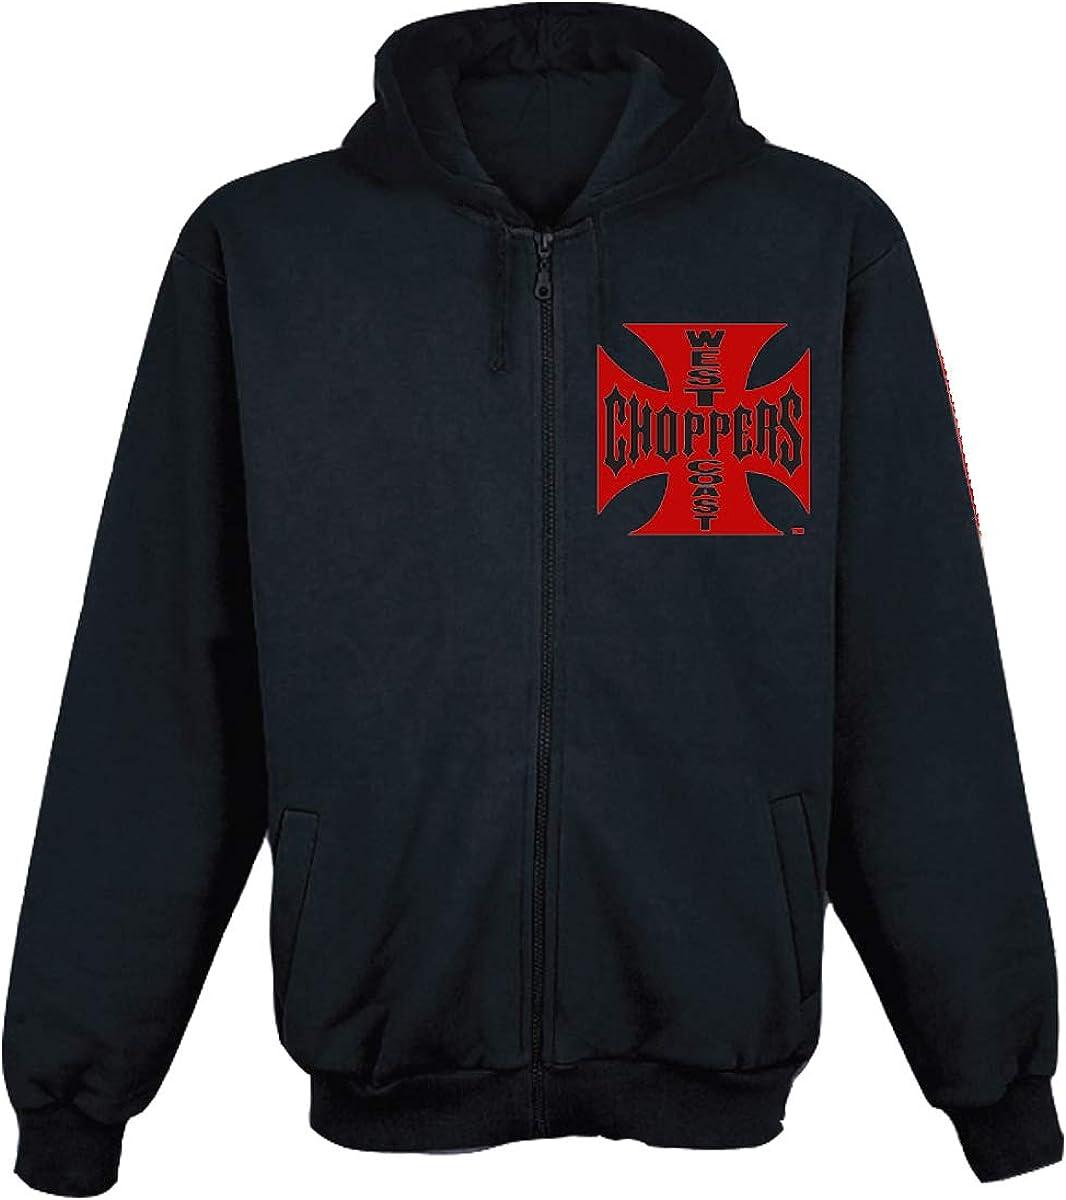 West Coast Choppers Men Zip Hoodie Red OG Cross 51e401cGBIL